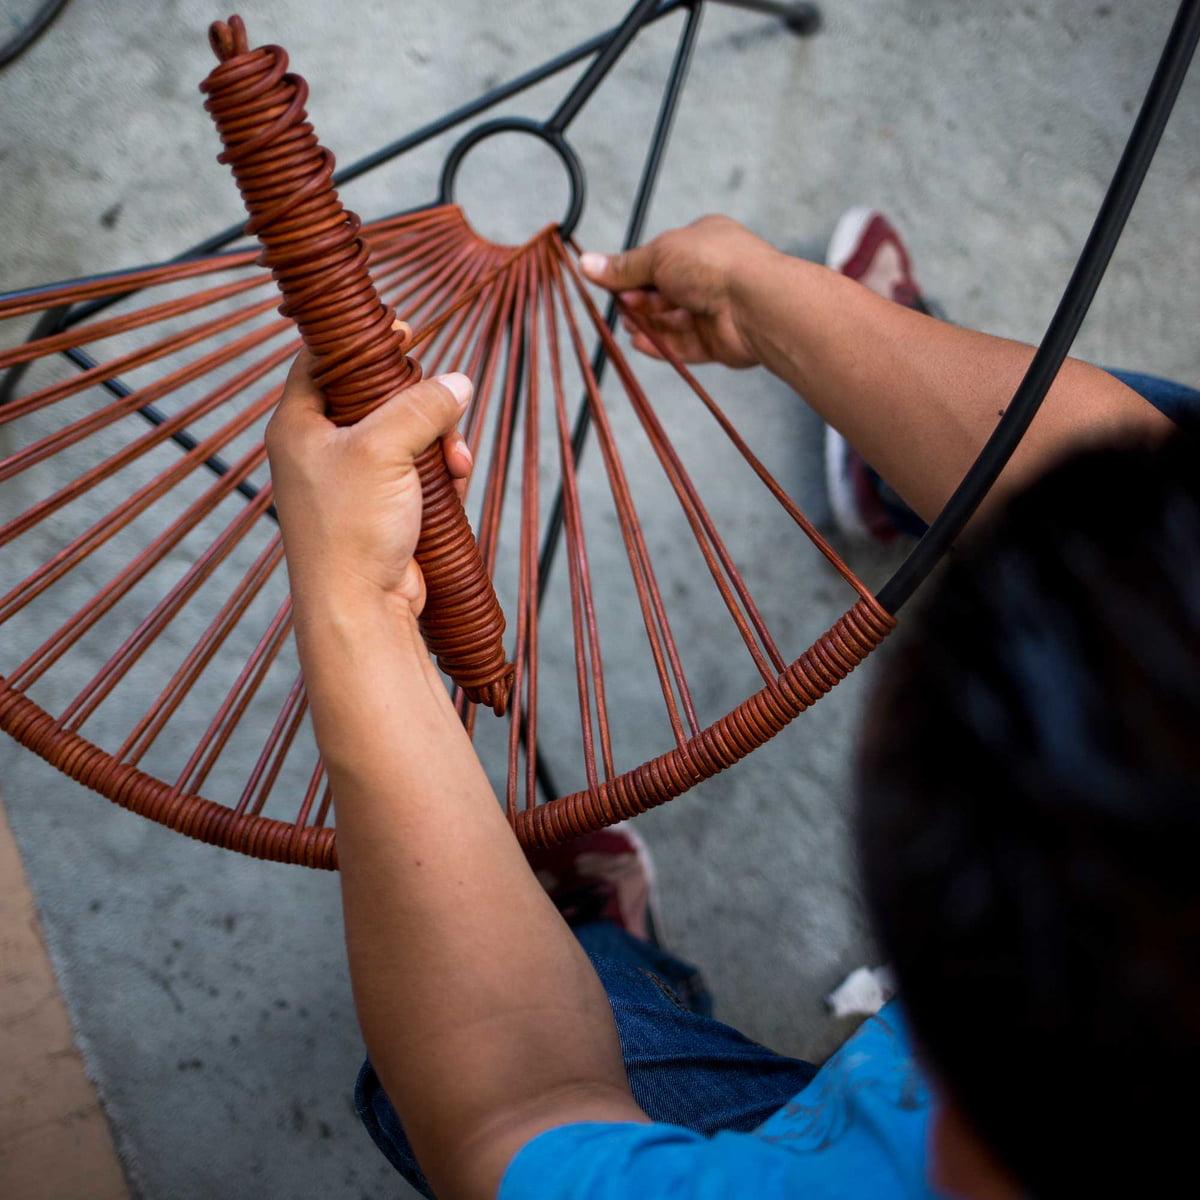 Acapulco chair leather - Acapulco Chair Leather By Acapulco Design